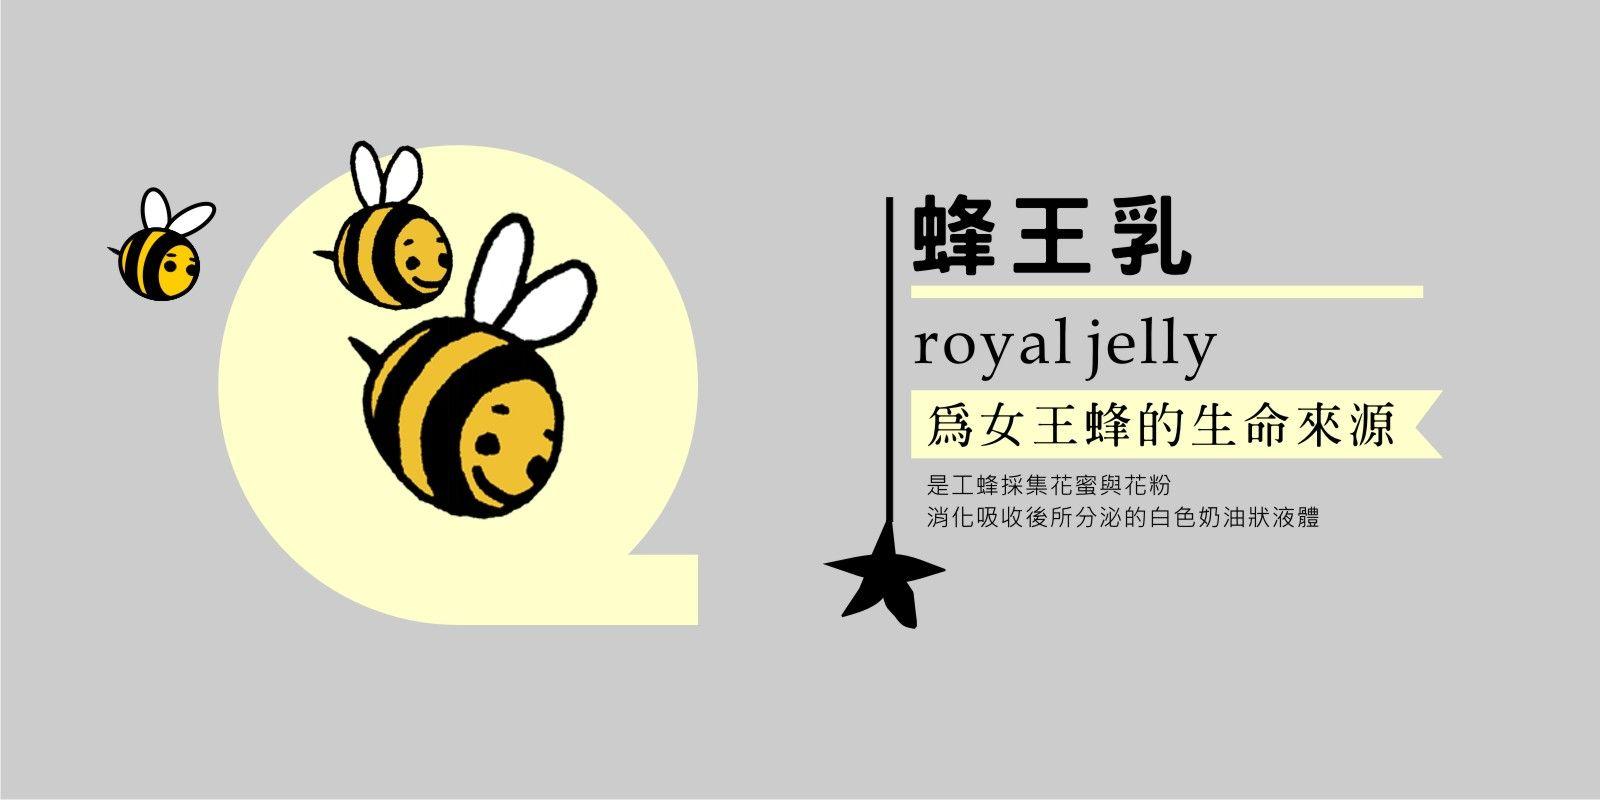 蜂蜜#這一口醇厚,是這片土地美好質地的發散。